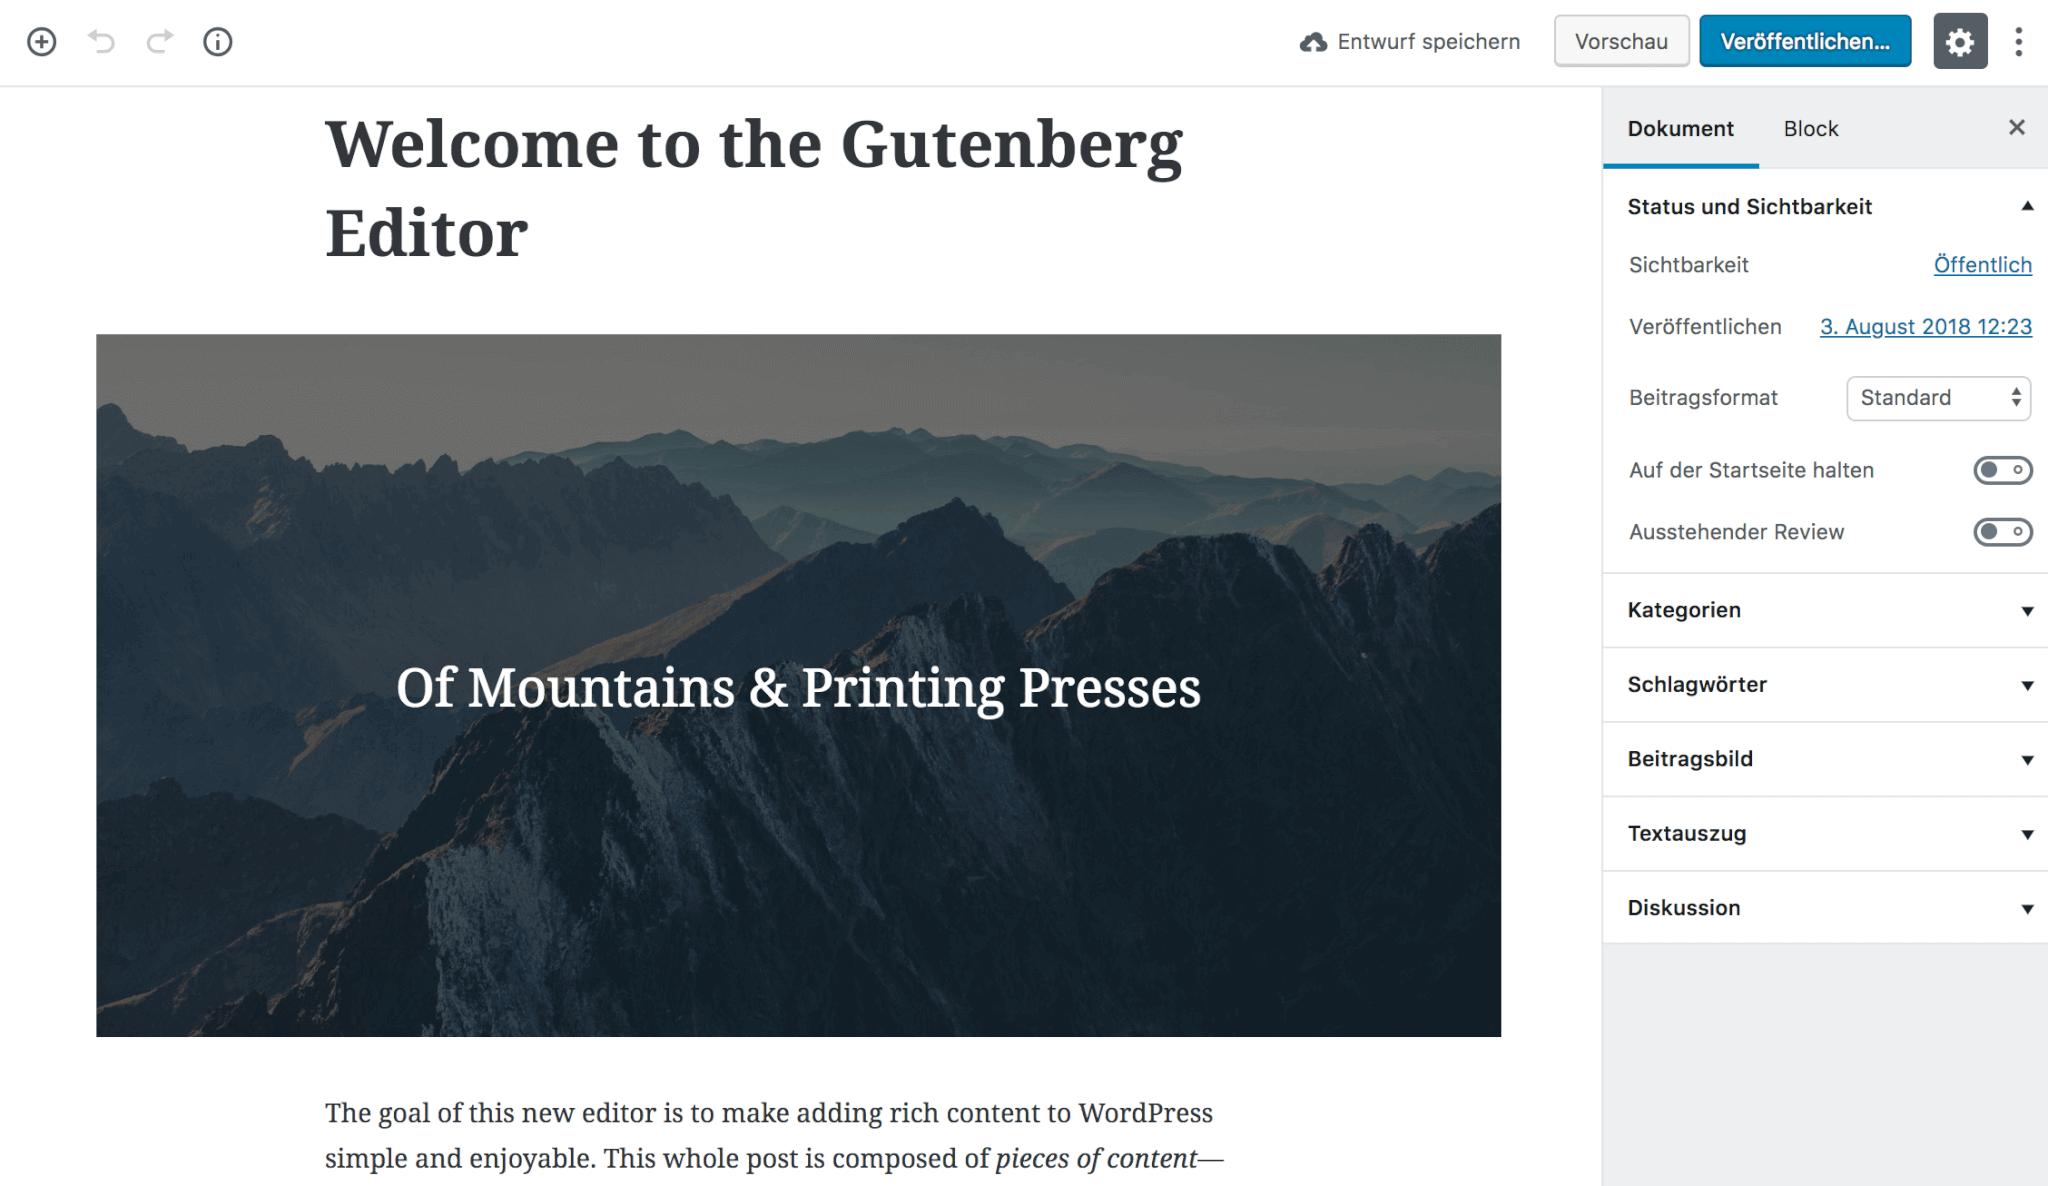 So sieht der Begrüßungspost von Gutenberg unter WordPress 4.9.8 aus